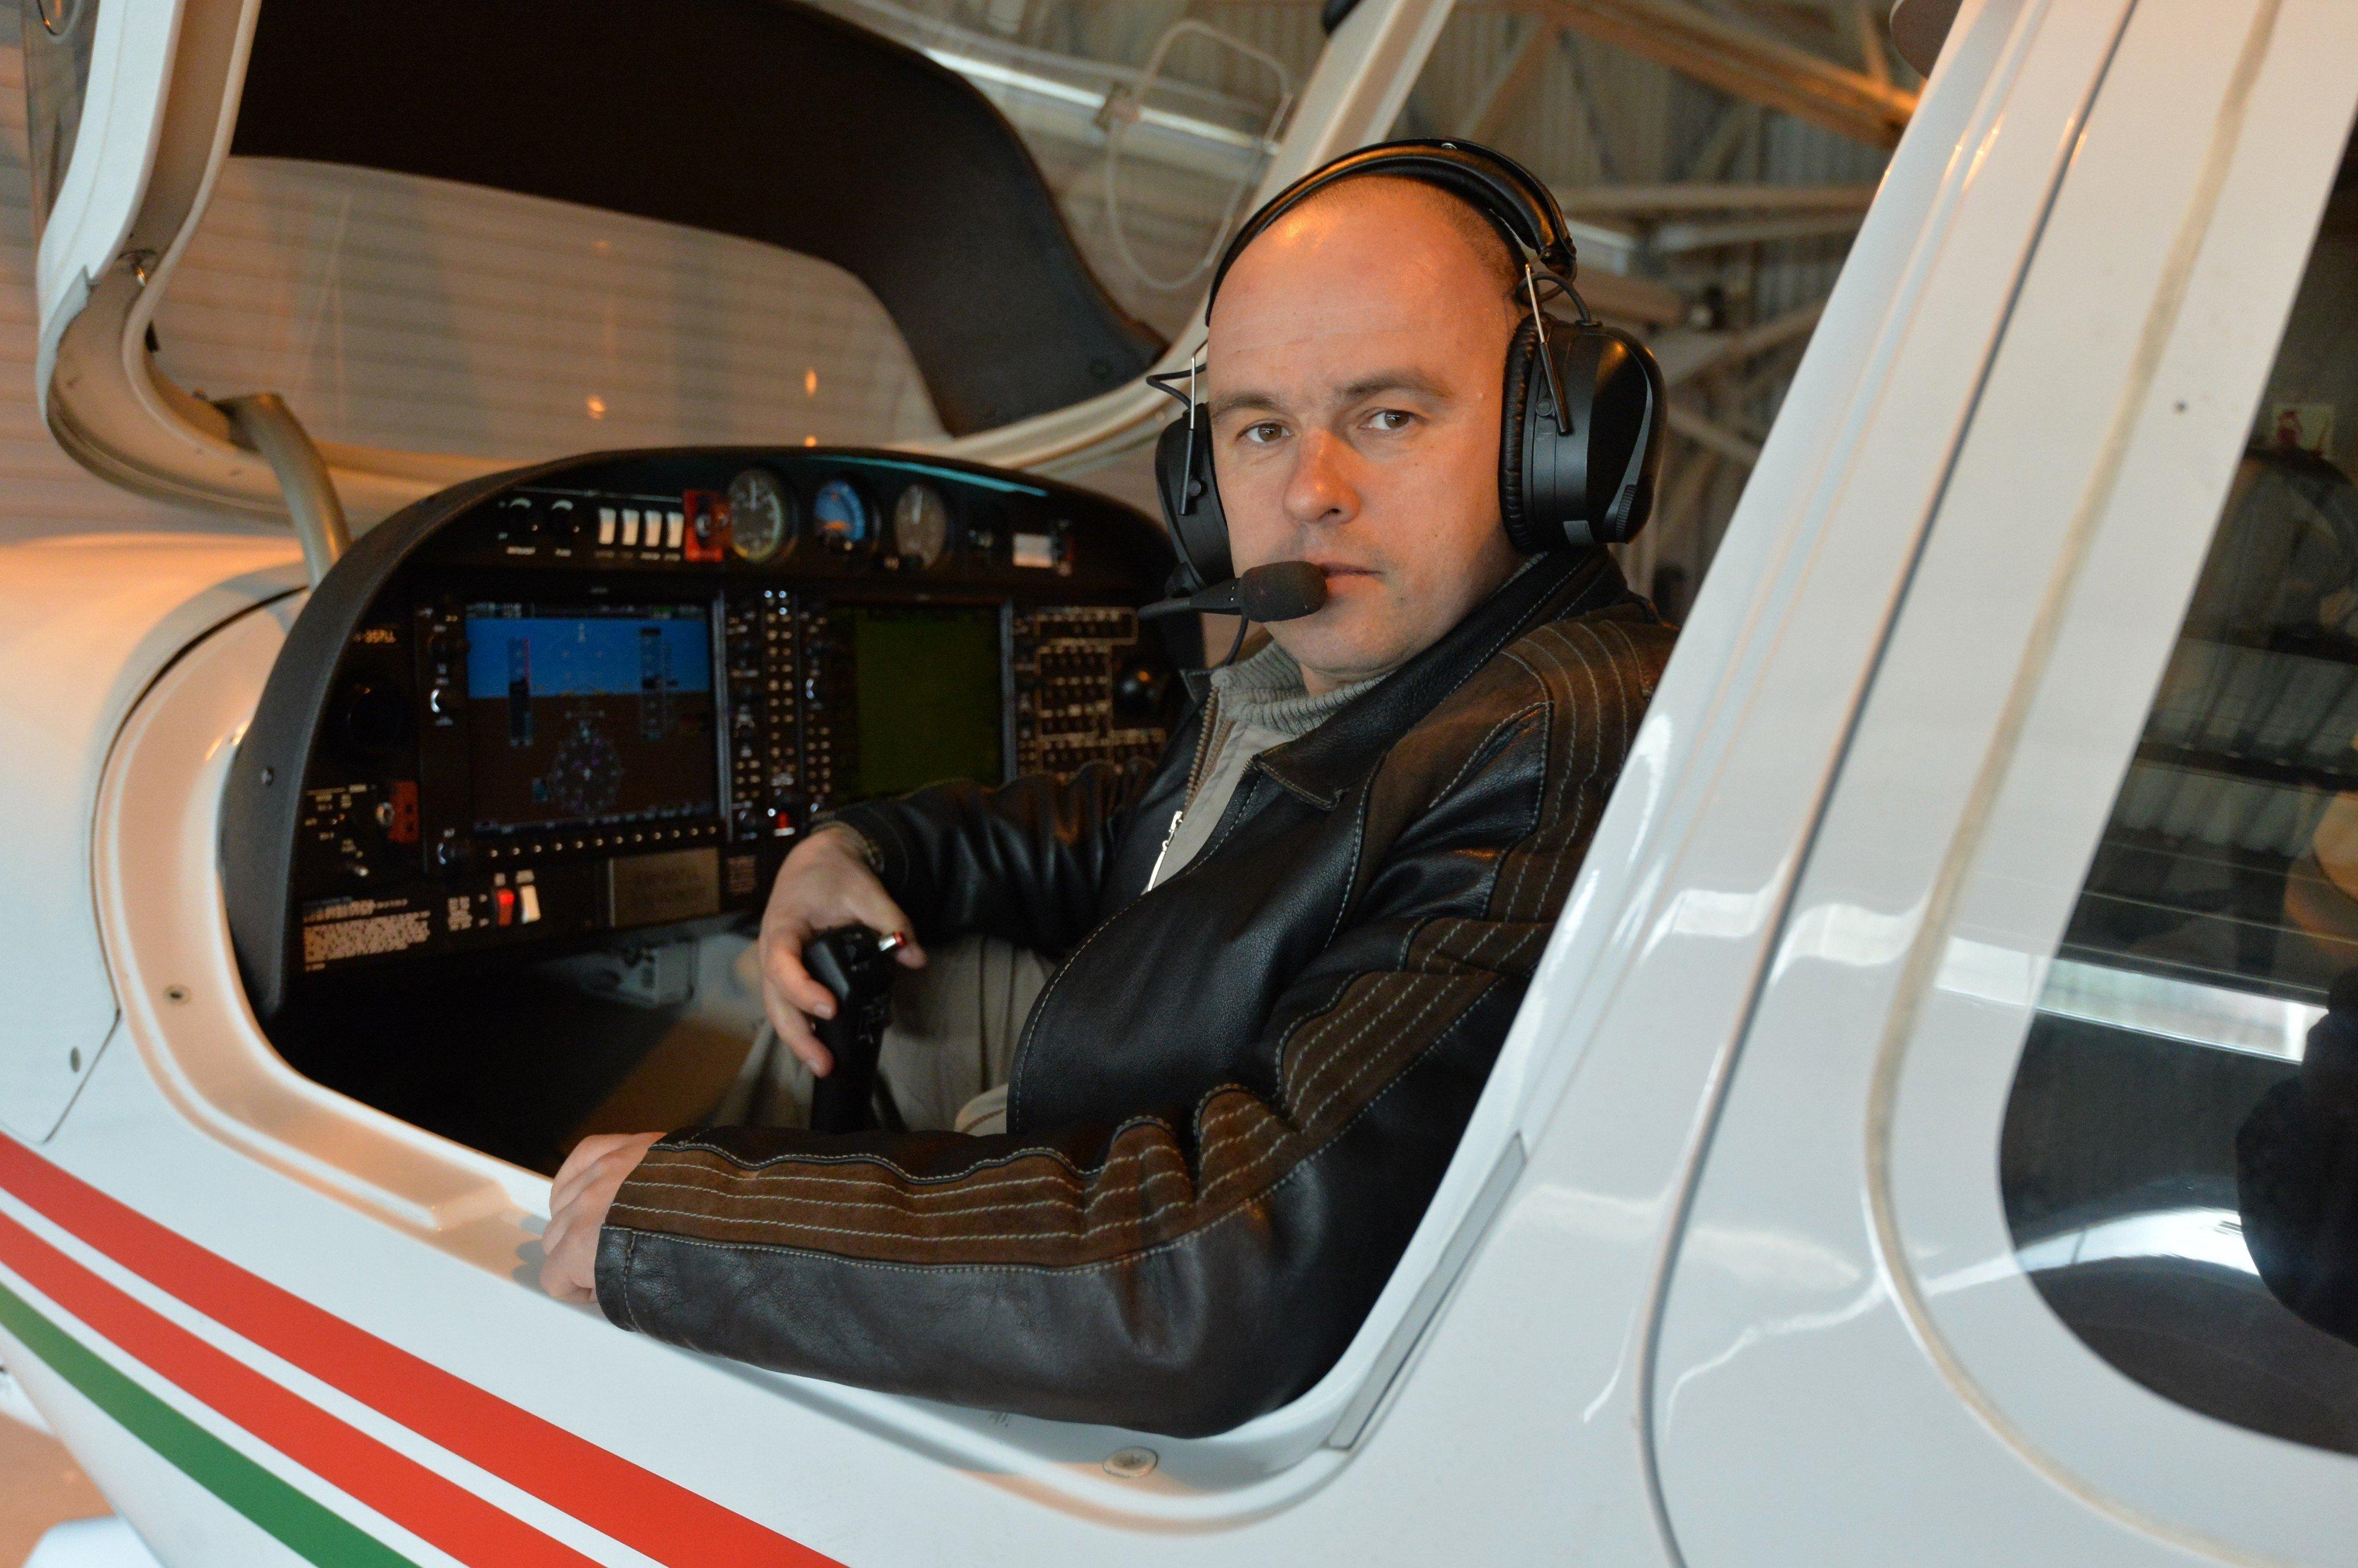 Командир летного отряда Денис Кочегин уверен - опытный пилот не должен терять контроля, даже если откажет двигатель